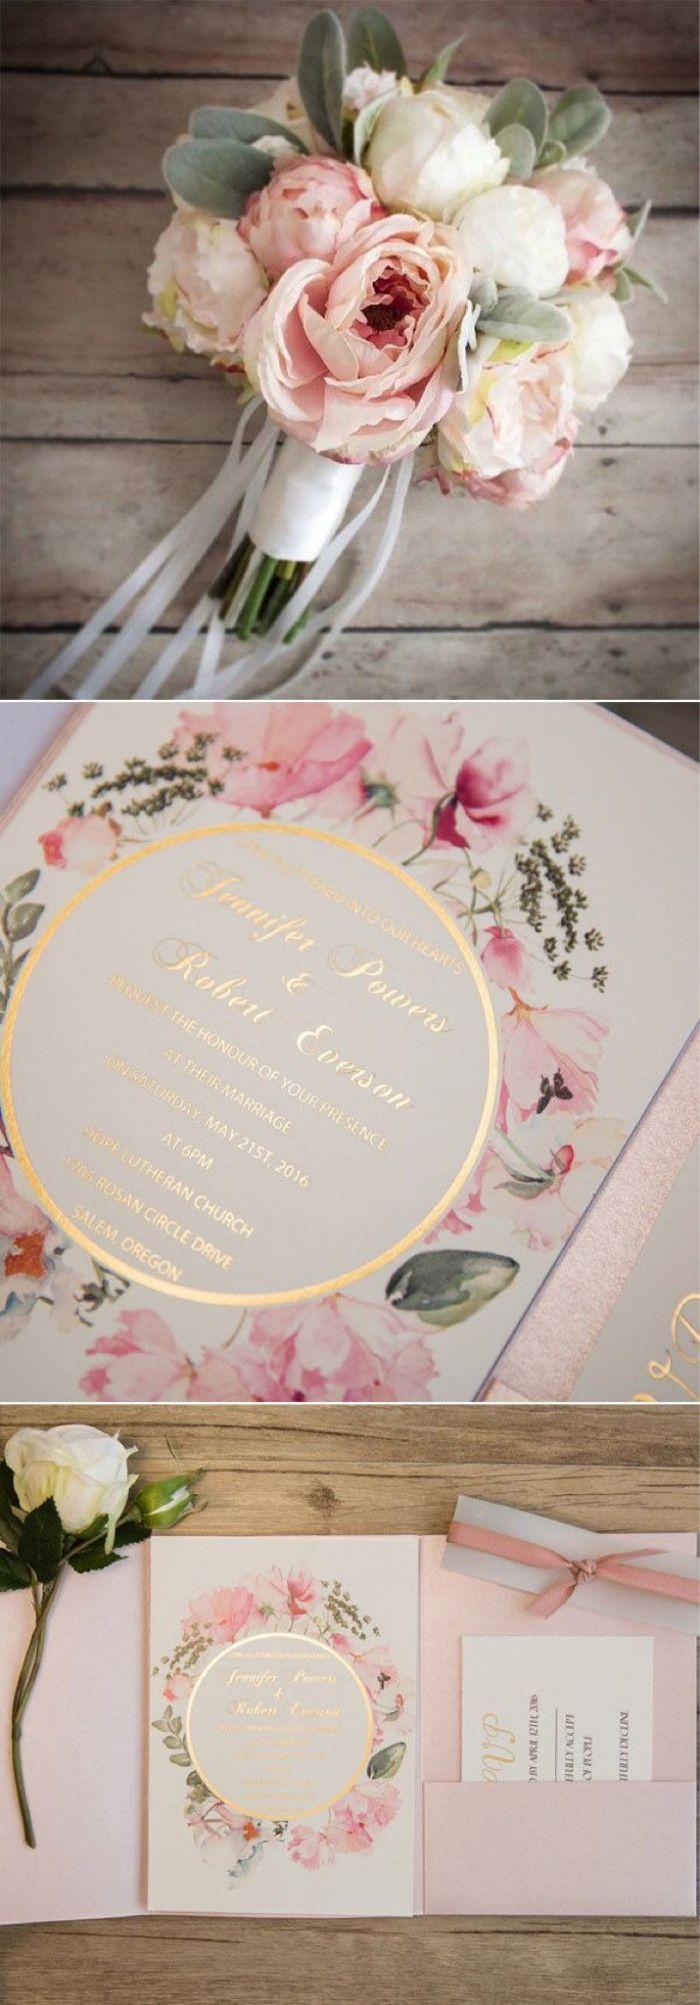 Pin Su Inviti E Fiori Sposa 2